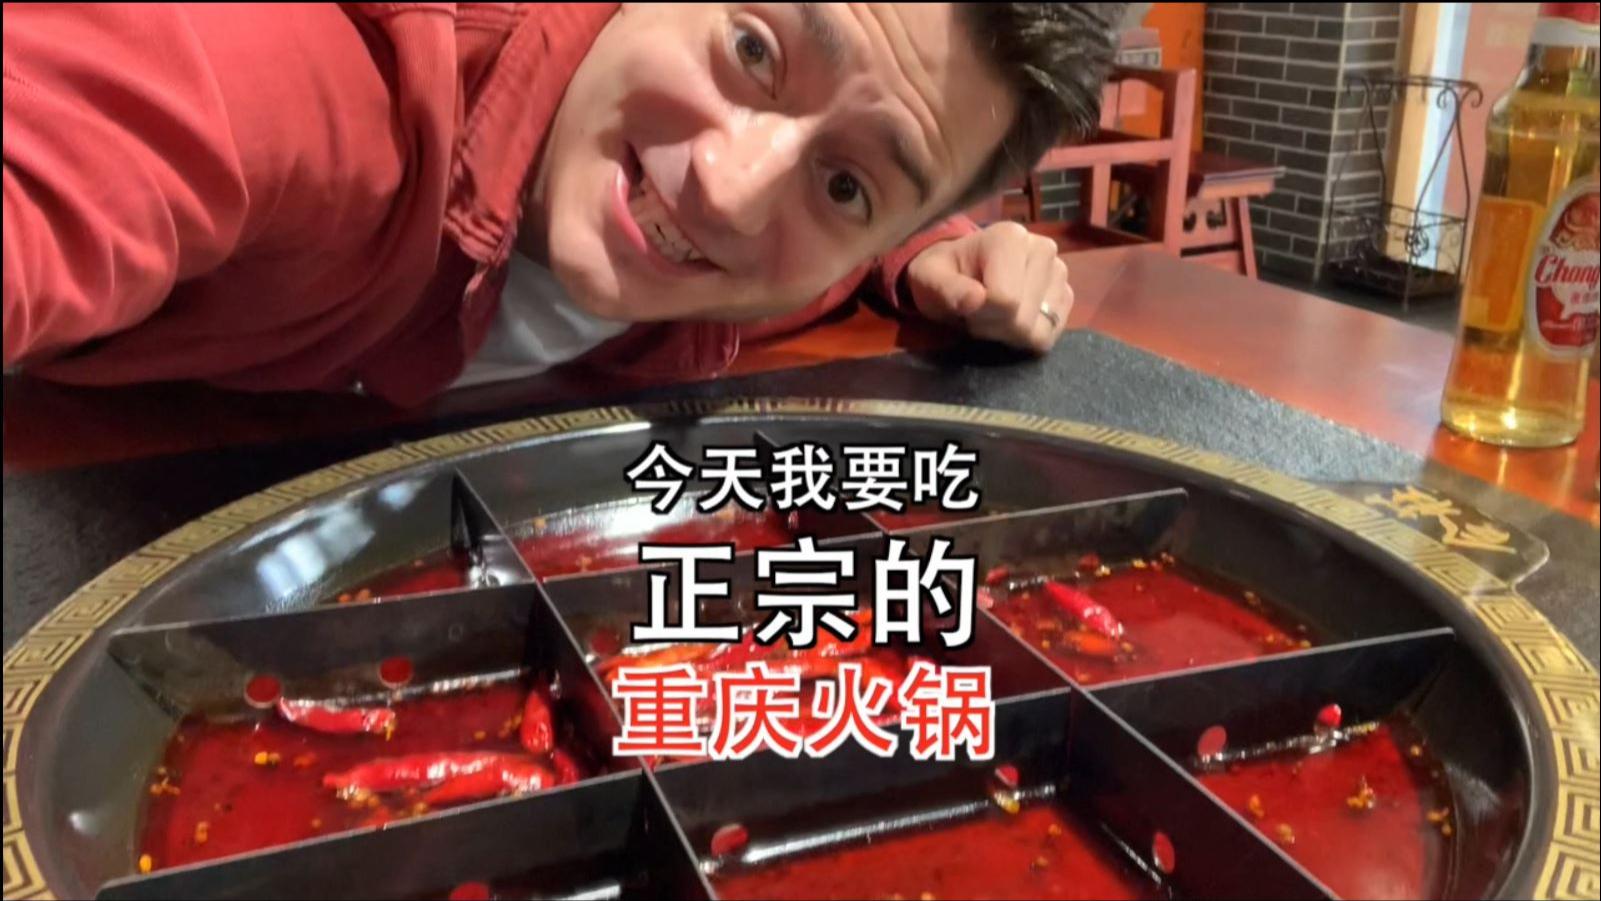 【伏拉夫1080P蓝光吃播】伏拉夫重庆火锅超清宽屏典藏版